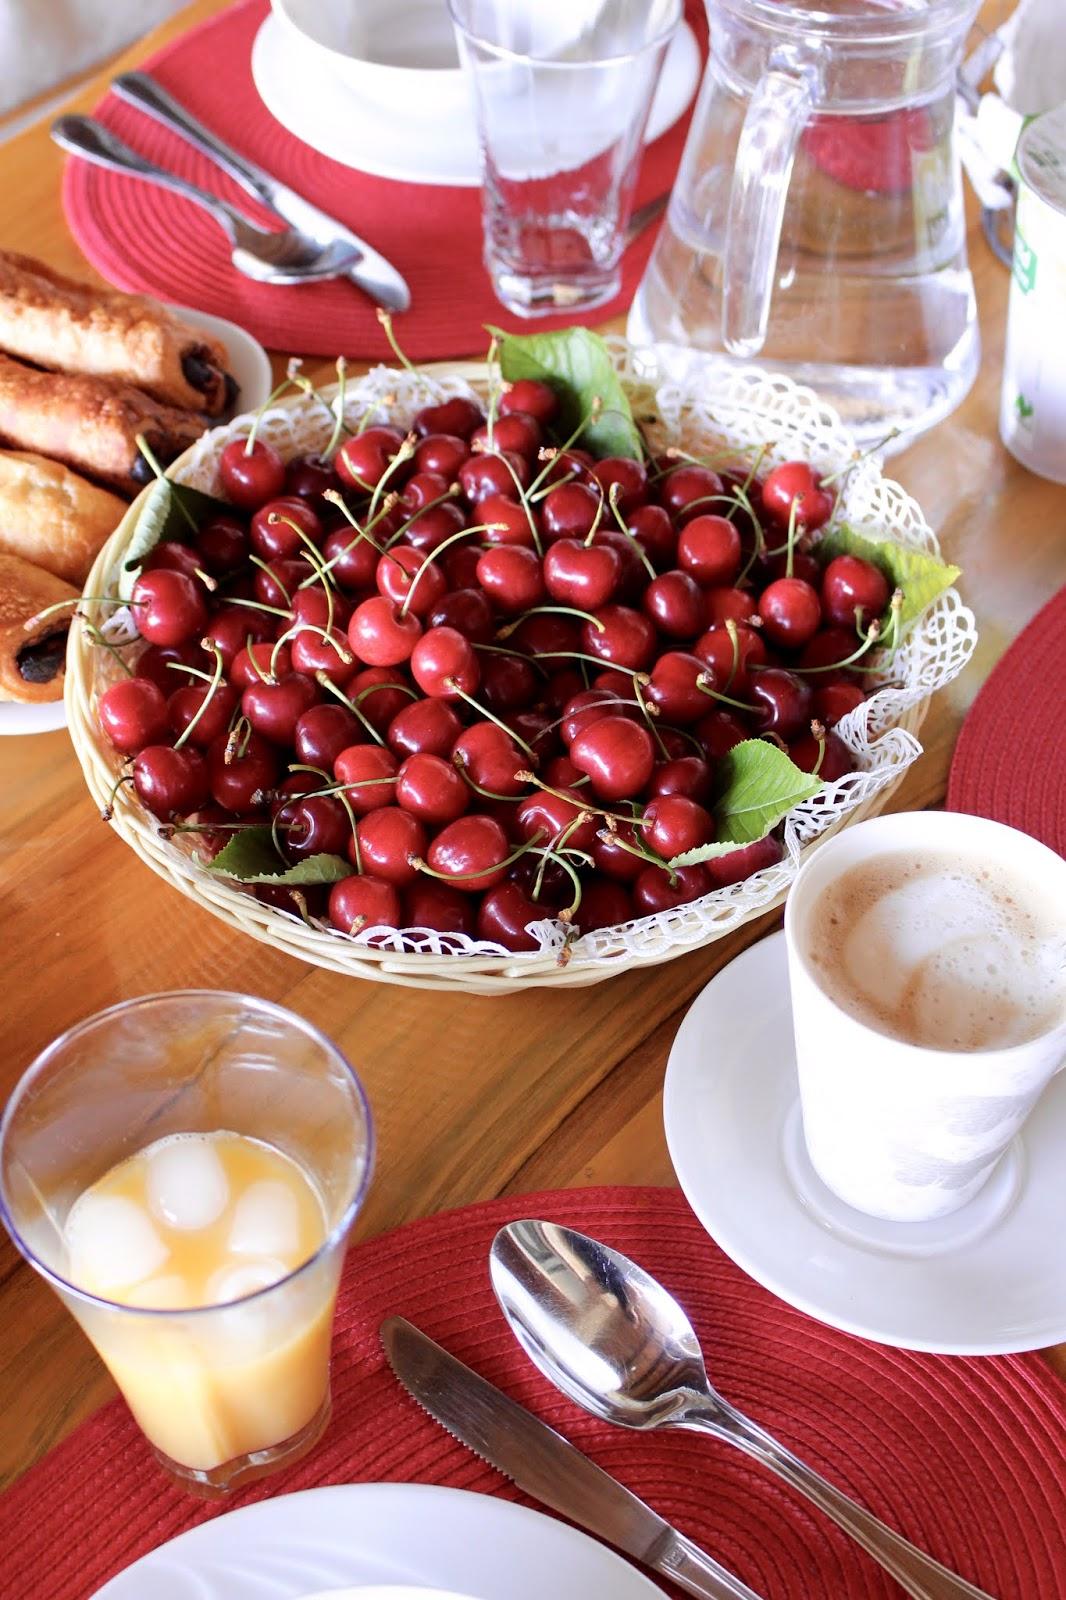 Frische Kirschen - ein Gastgeschenk von den Besitzern der Villa Hill View